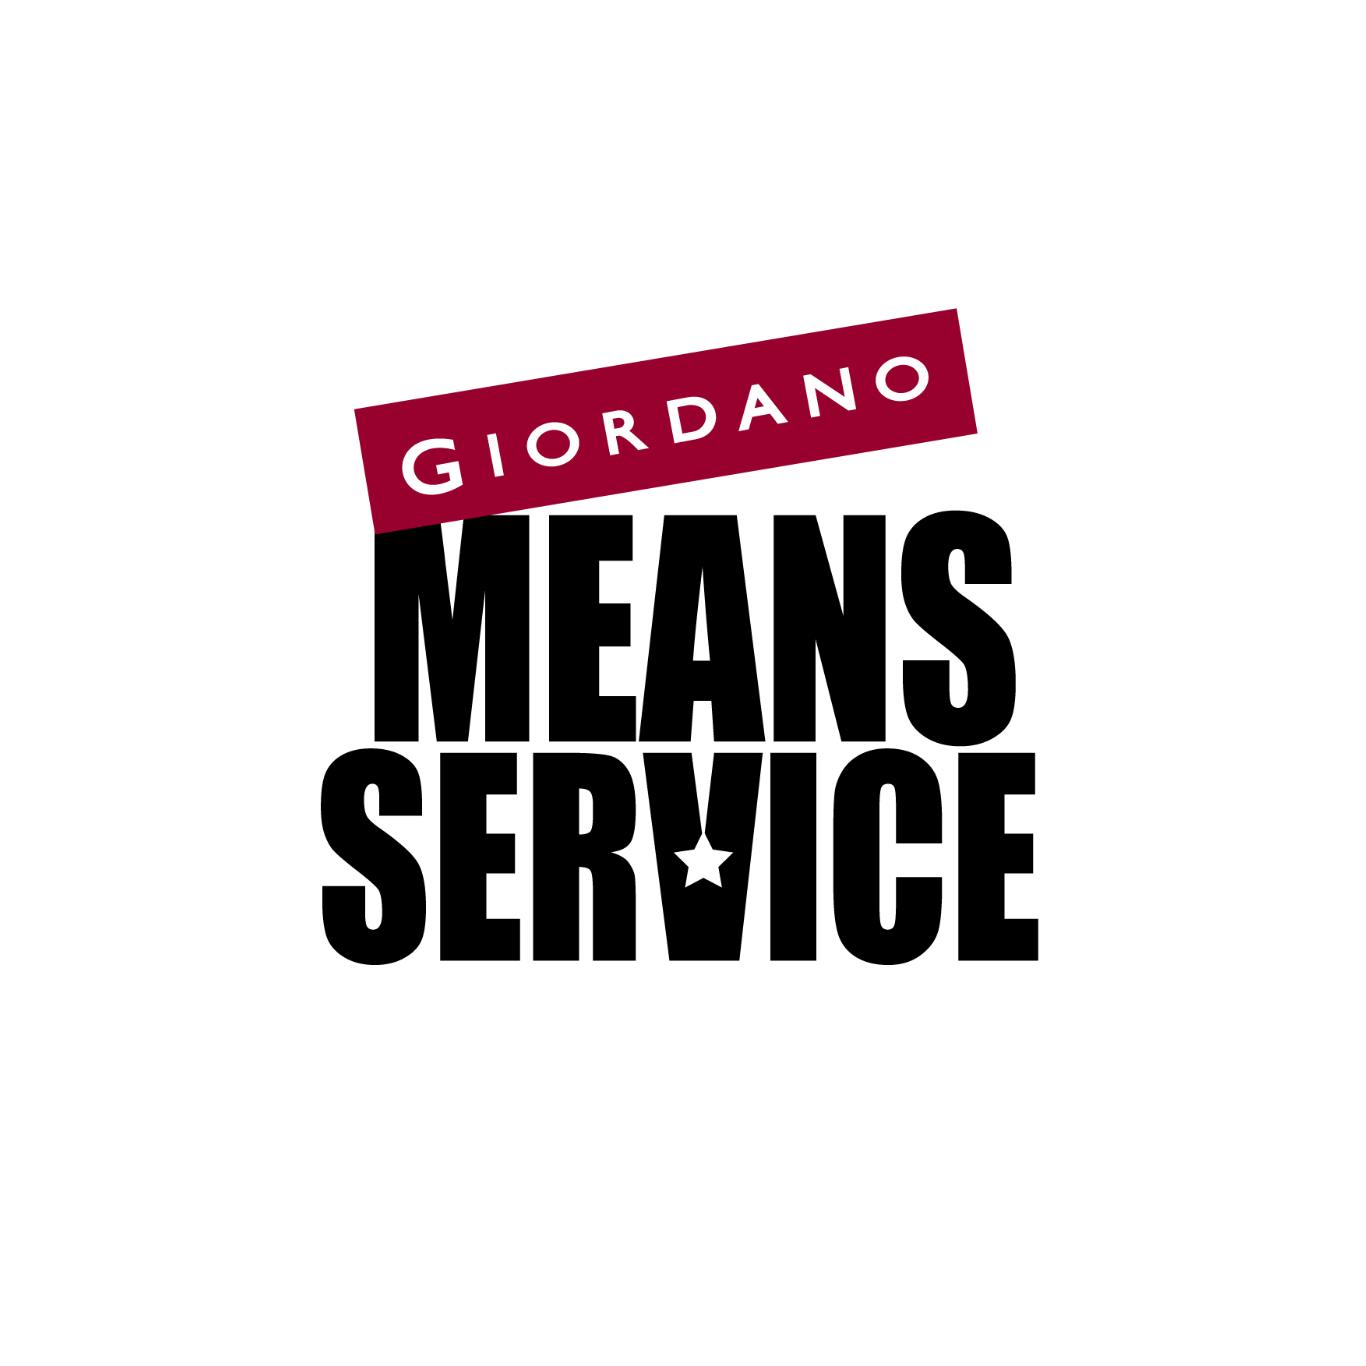 https://ns3a.com/Giordano